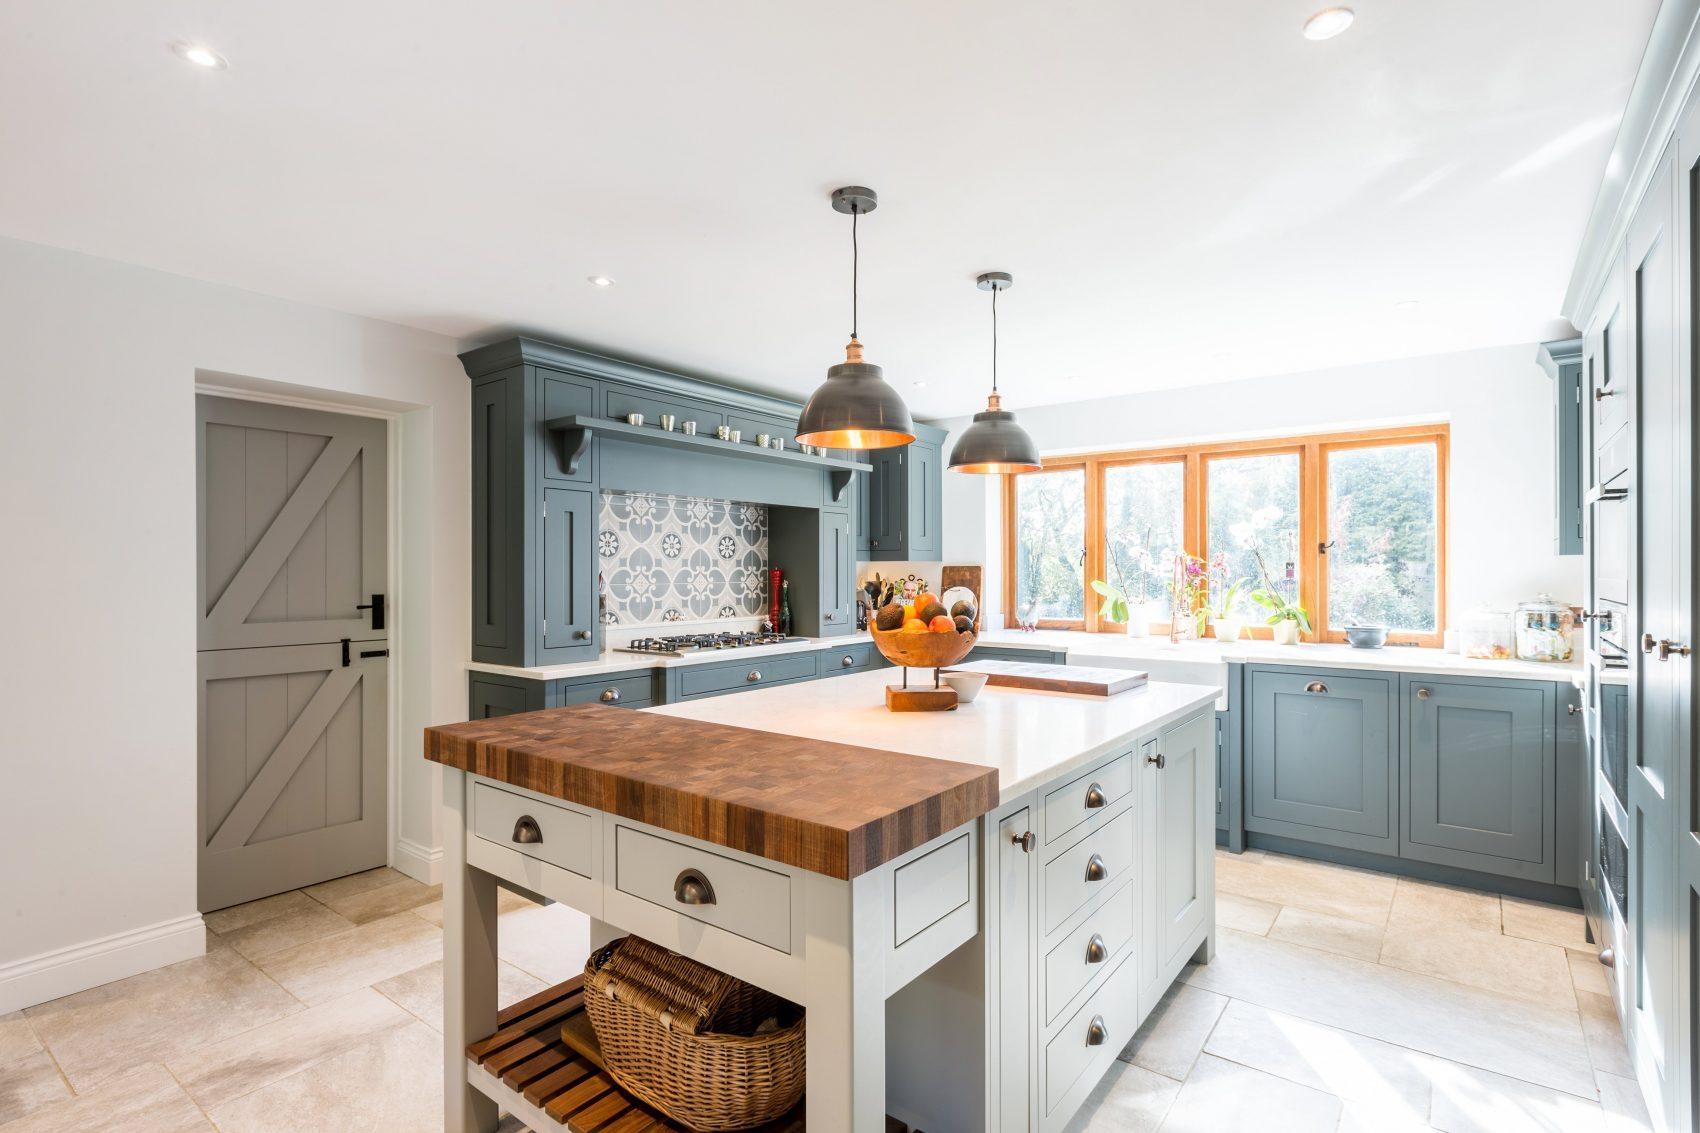 Grey shaker kitchen & utility